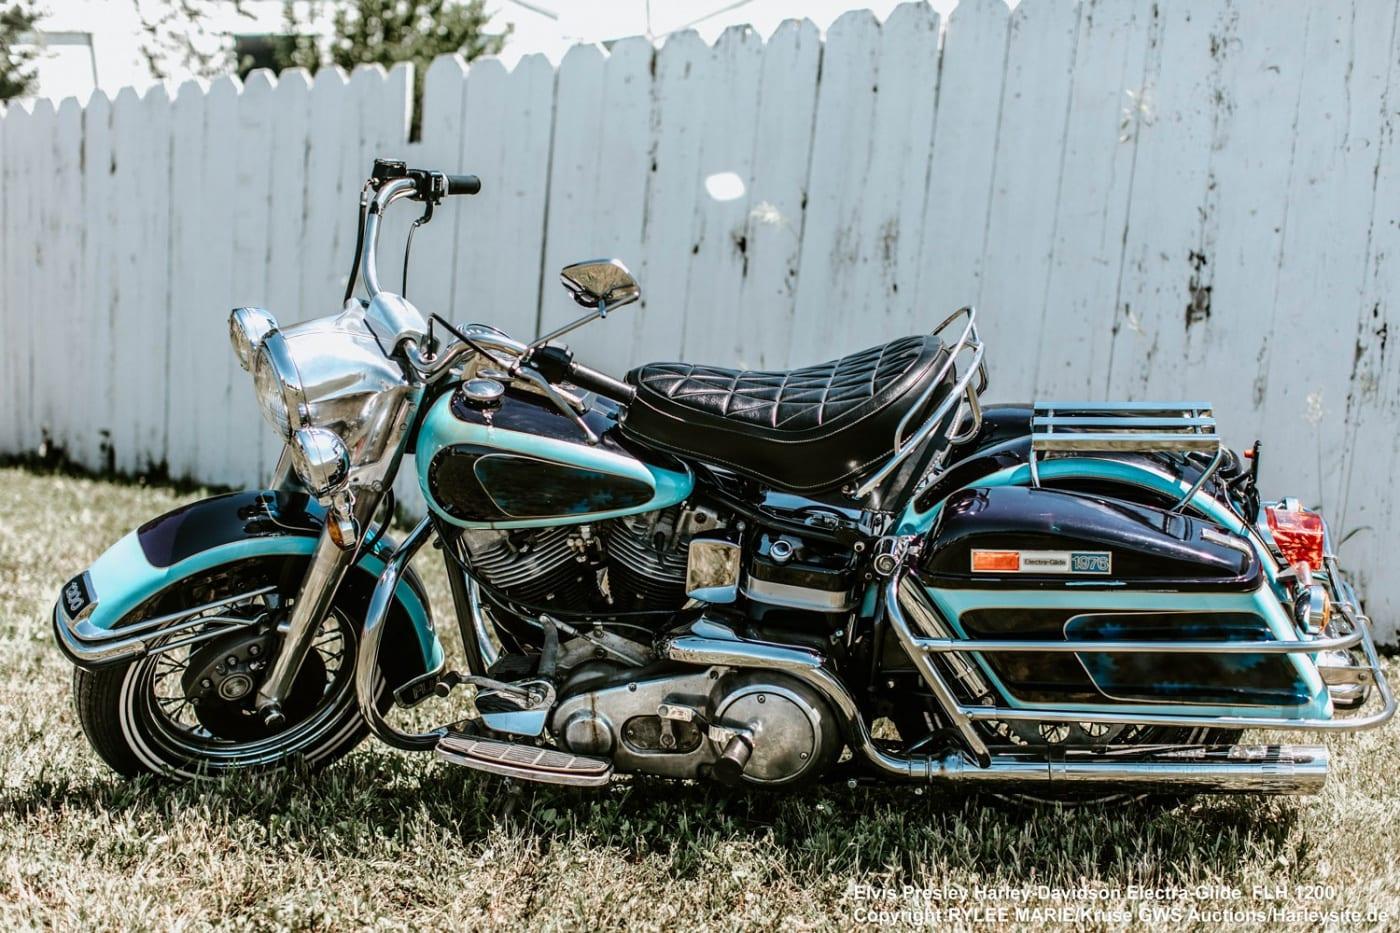 Zeigt Elvis Presley Harley-Davidson Electra-Glide FLH 1200